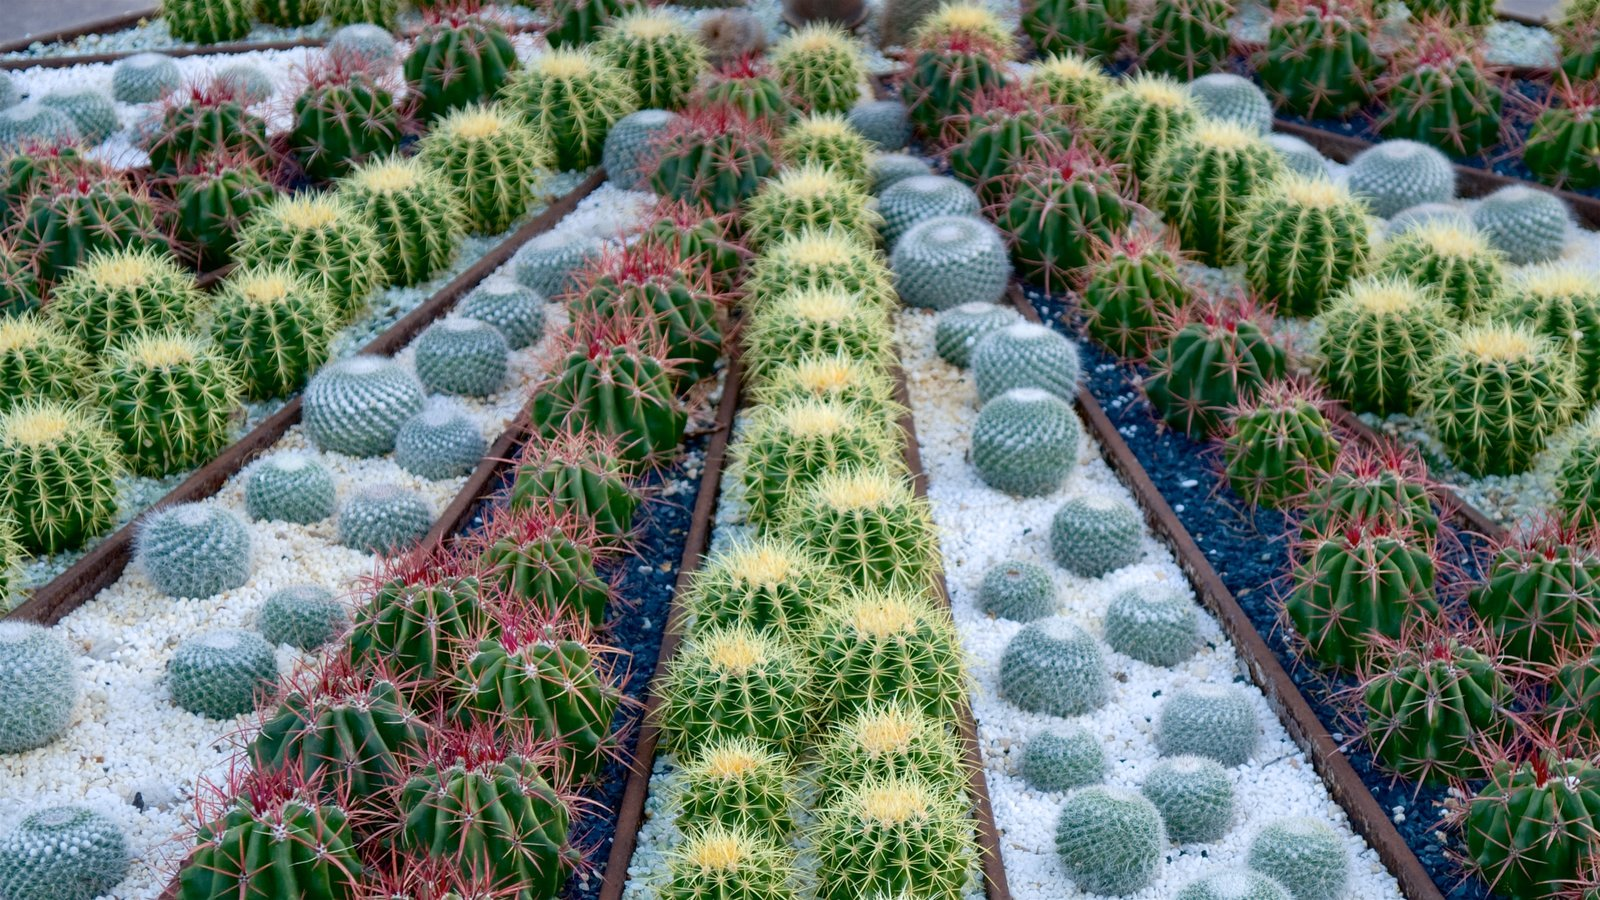 Desert Botanical Garden caracterizando paisagens do deserto e um jardim